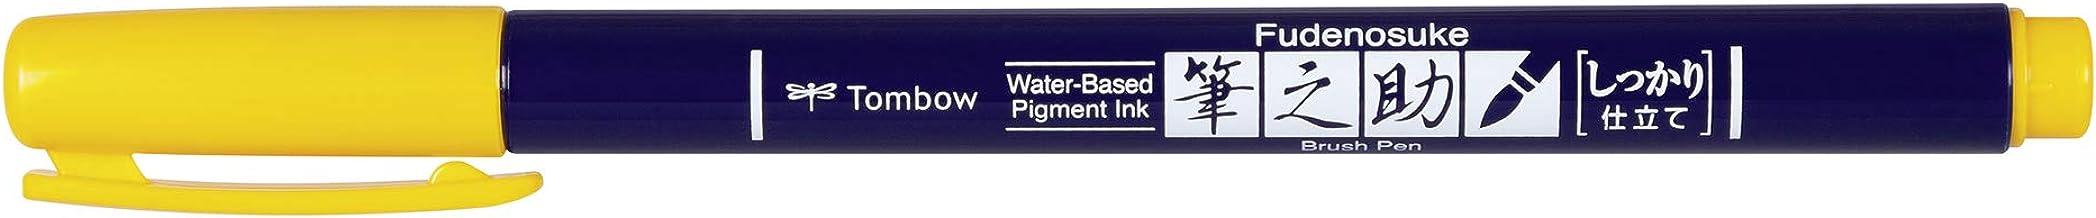 Tombow WS-BH03 Fudenosuke Brush Pen - Yellow